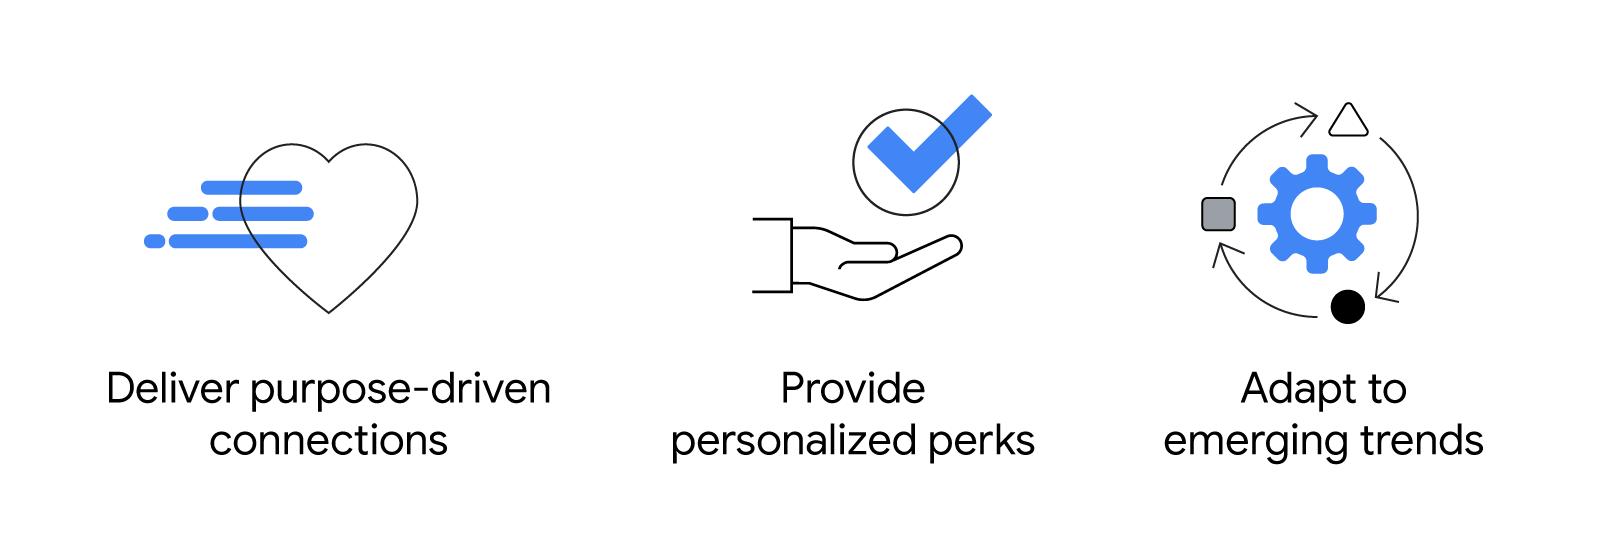 Xu hướng tiếp thị trên ứng dụng